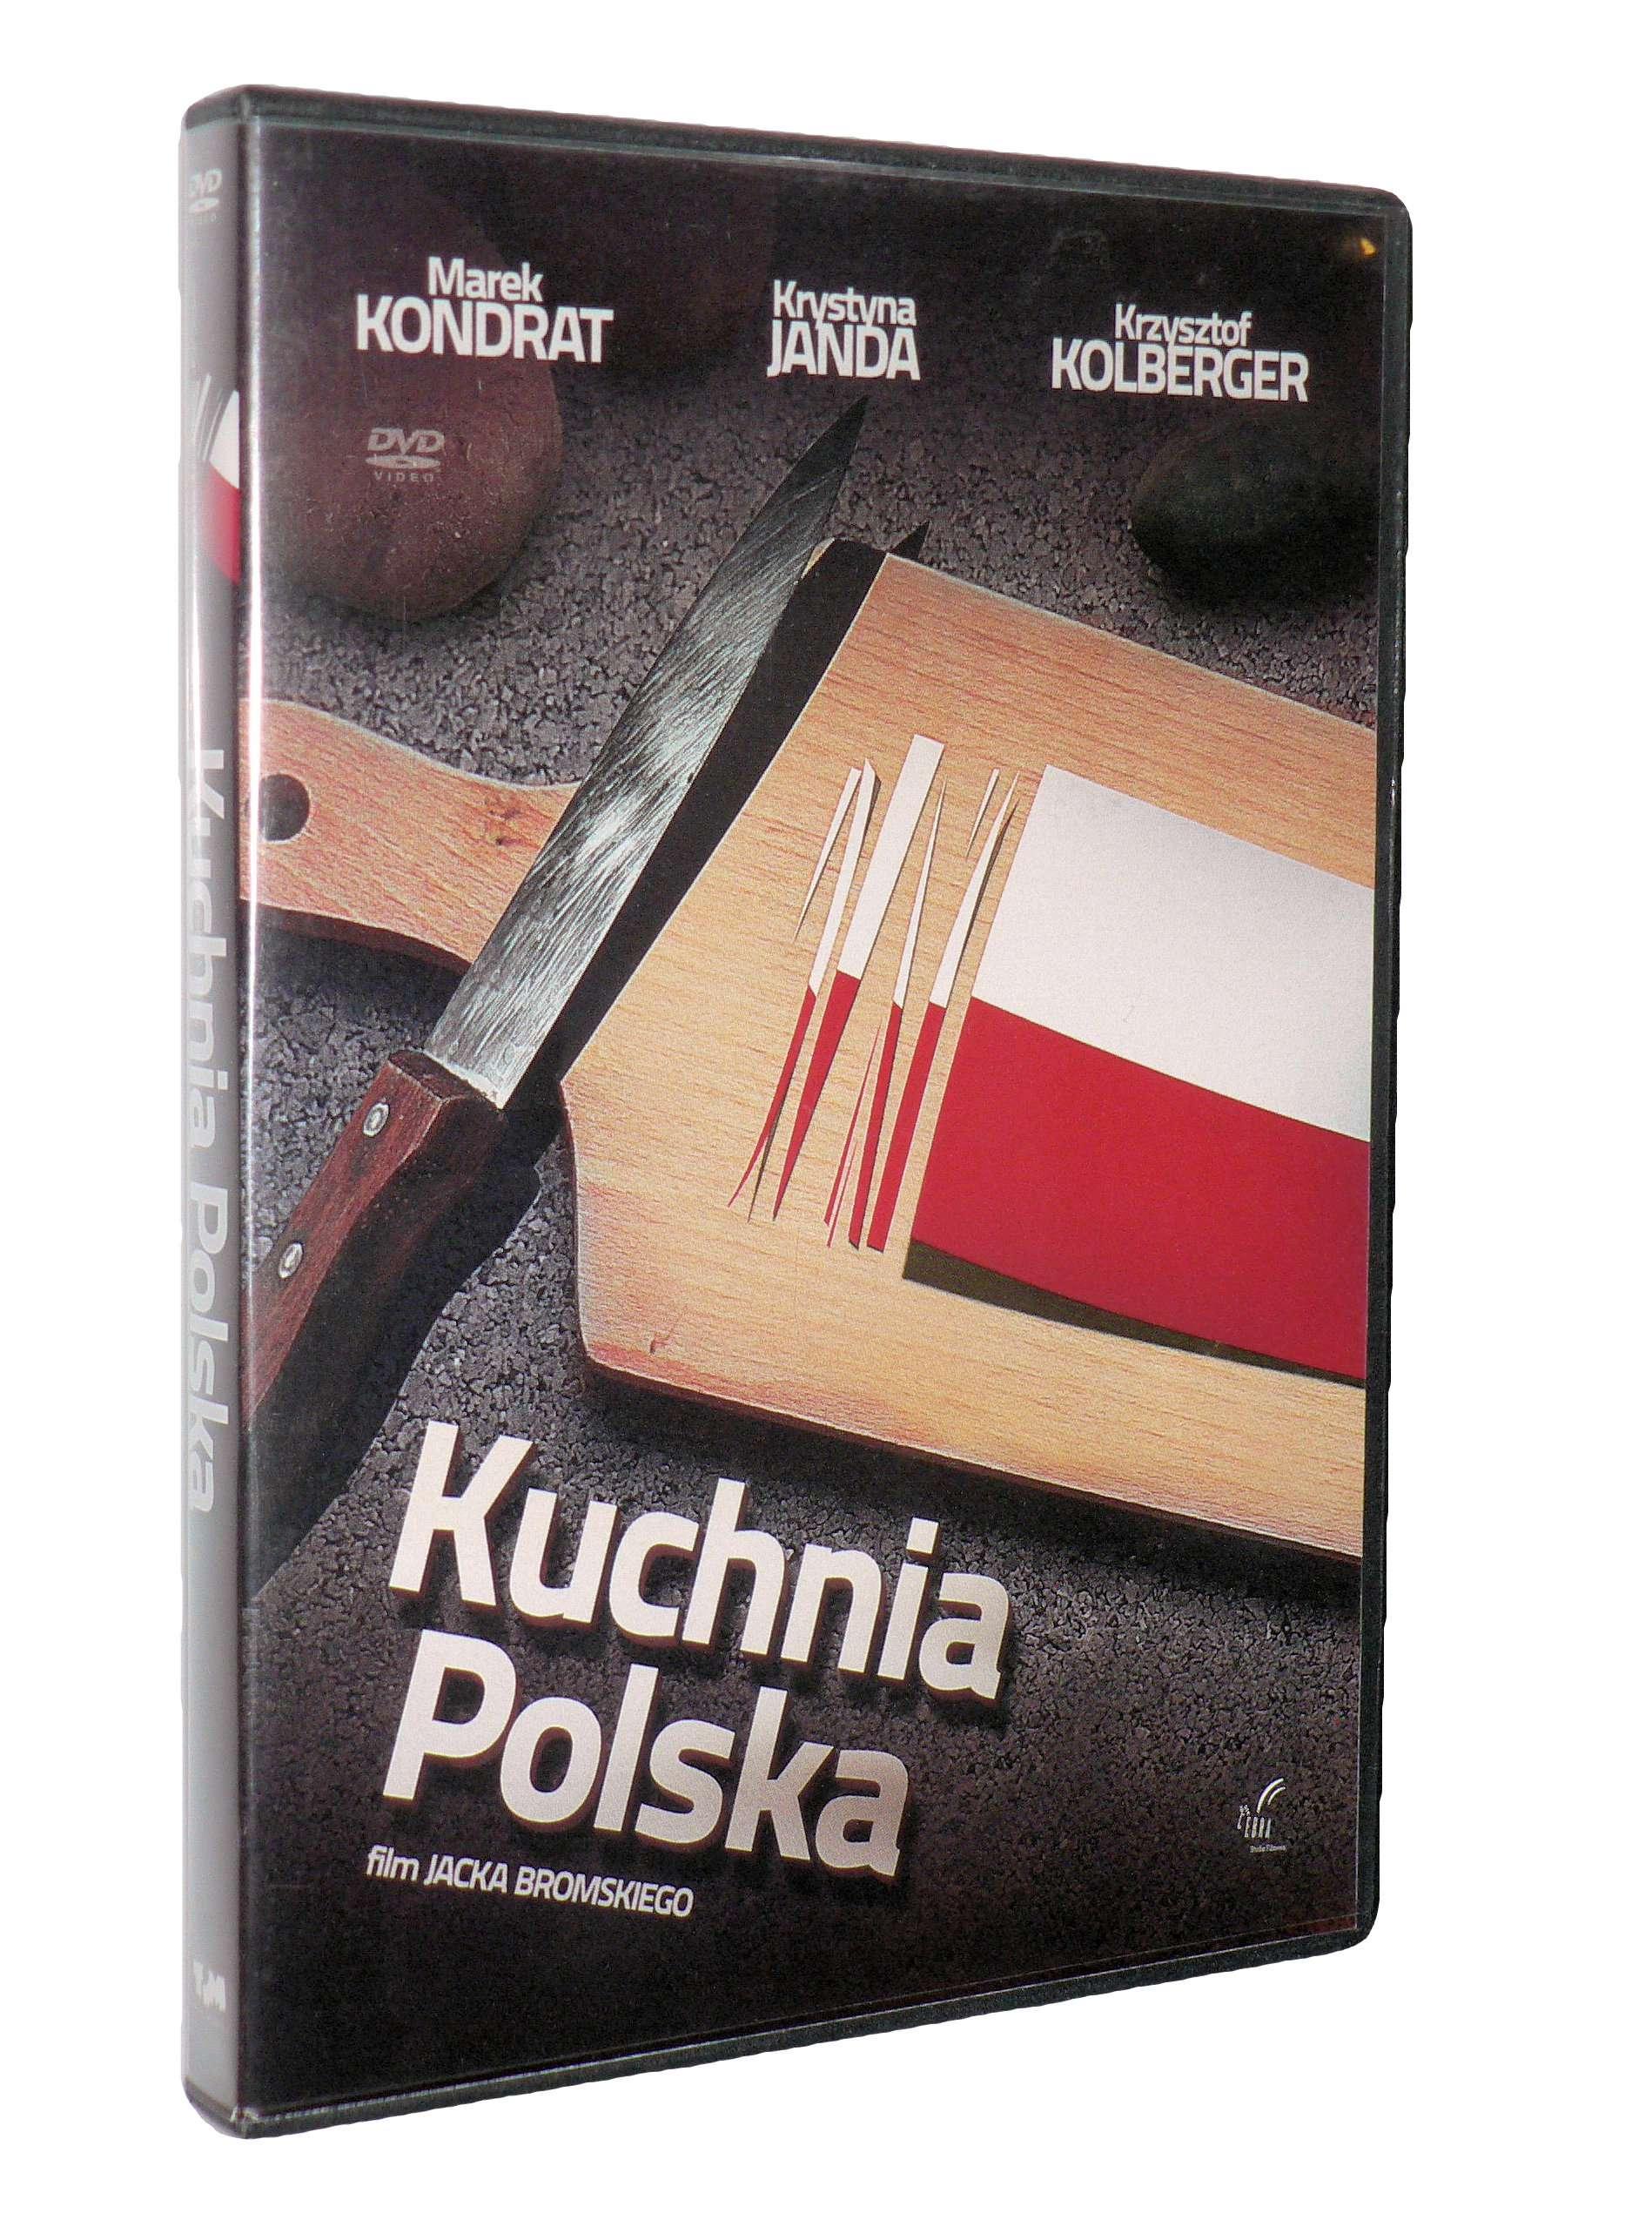 Dvd Kuchnia Polska 1991 Lniemczyk Mkondrat